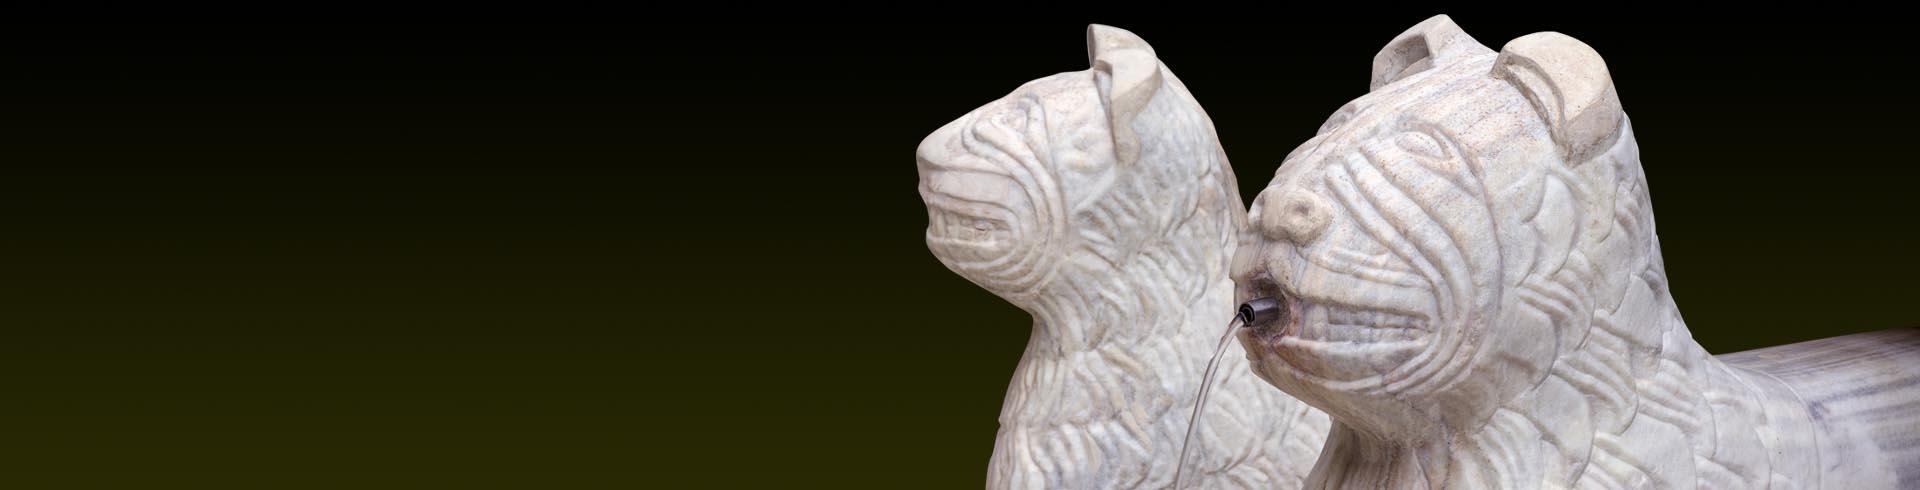 L'Alhambra de Grenade: <br>Le plus grand monument de la culture nasride abordé en détail, secteur par secteur